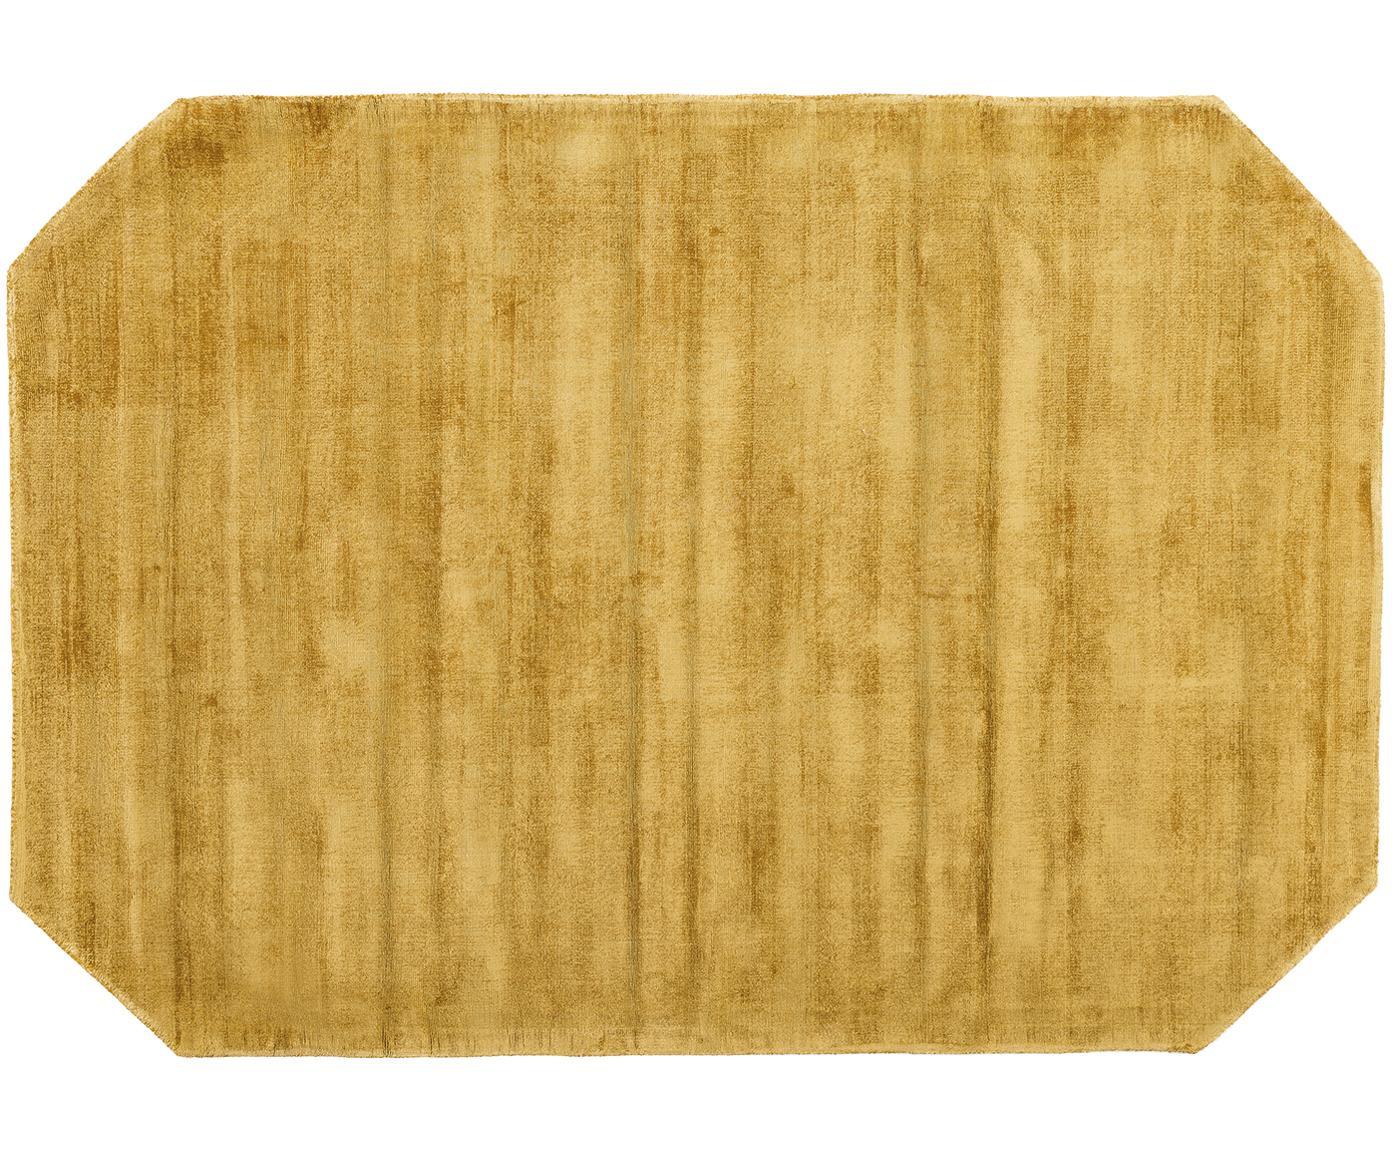 Tappeto in viscosa Jane Diamond, Retro: 100% cotone, Giallo senape, Larg.160 x Lung. 230 cm  (taglia M)